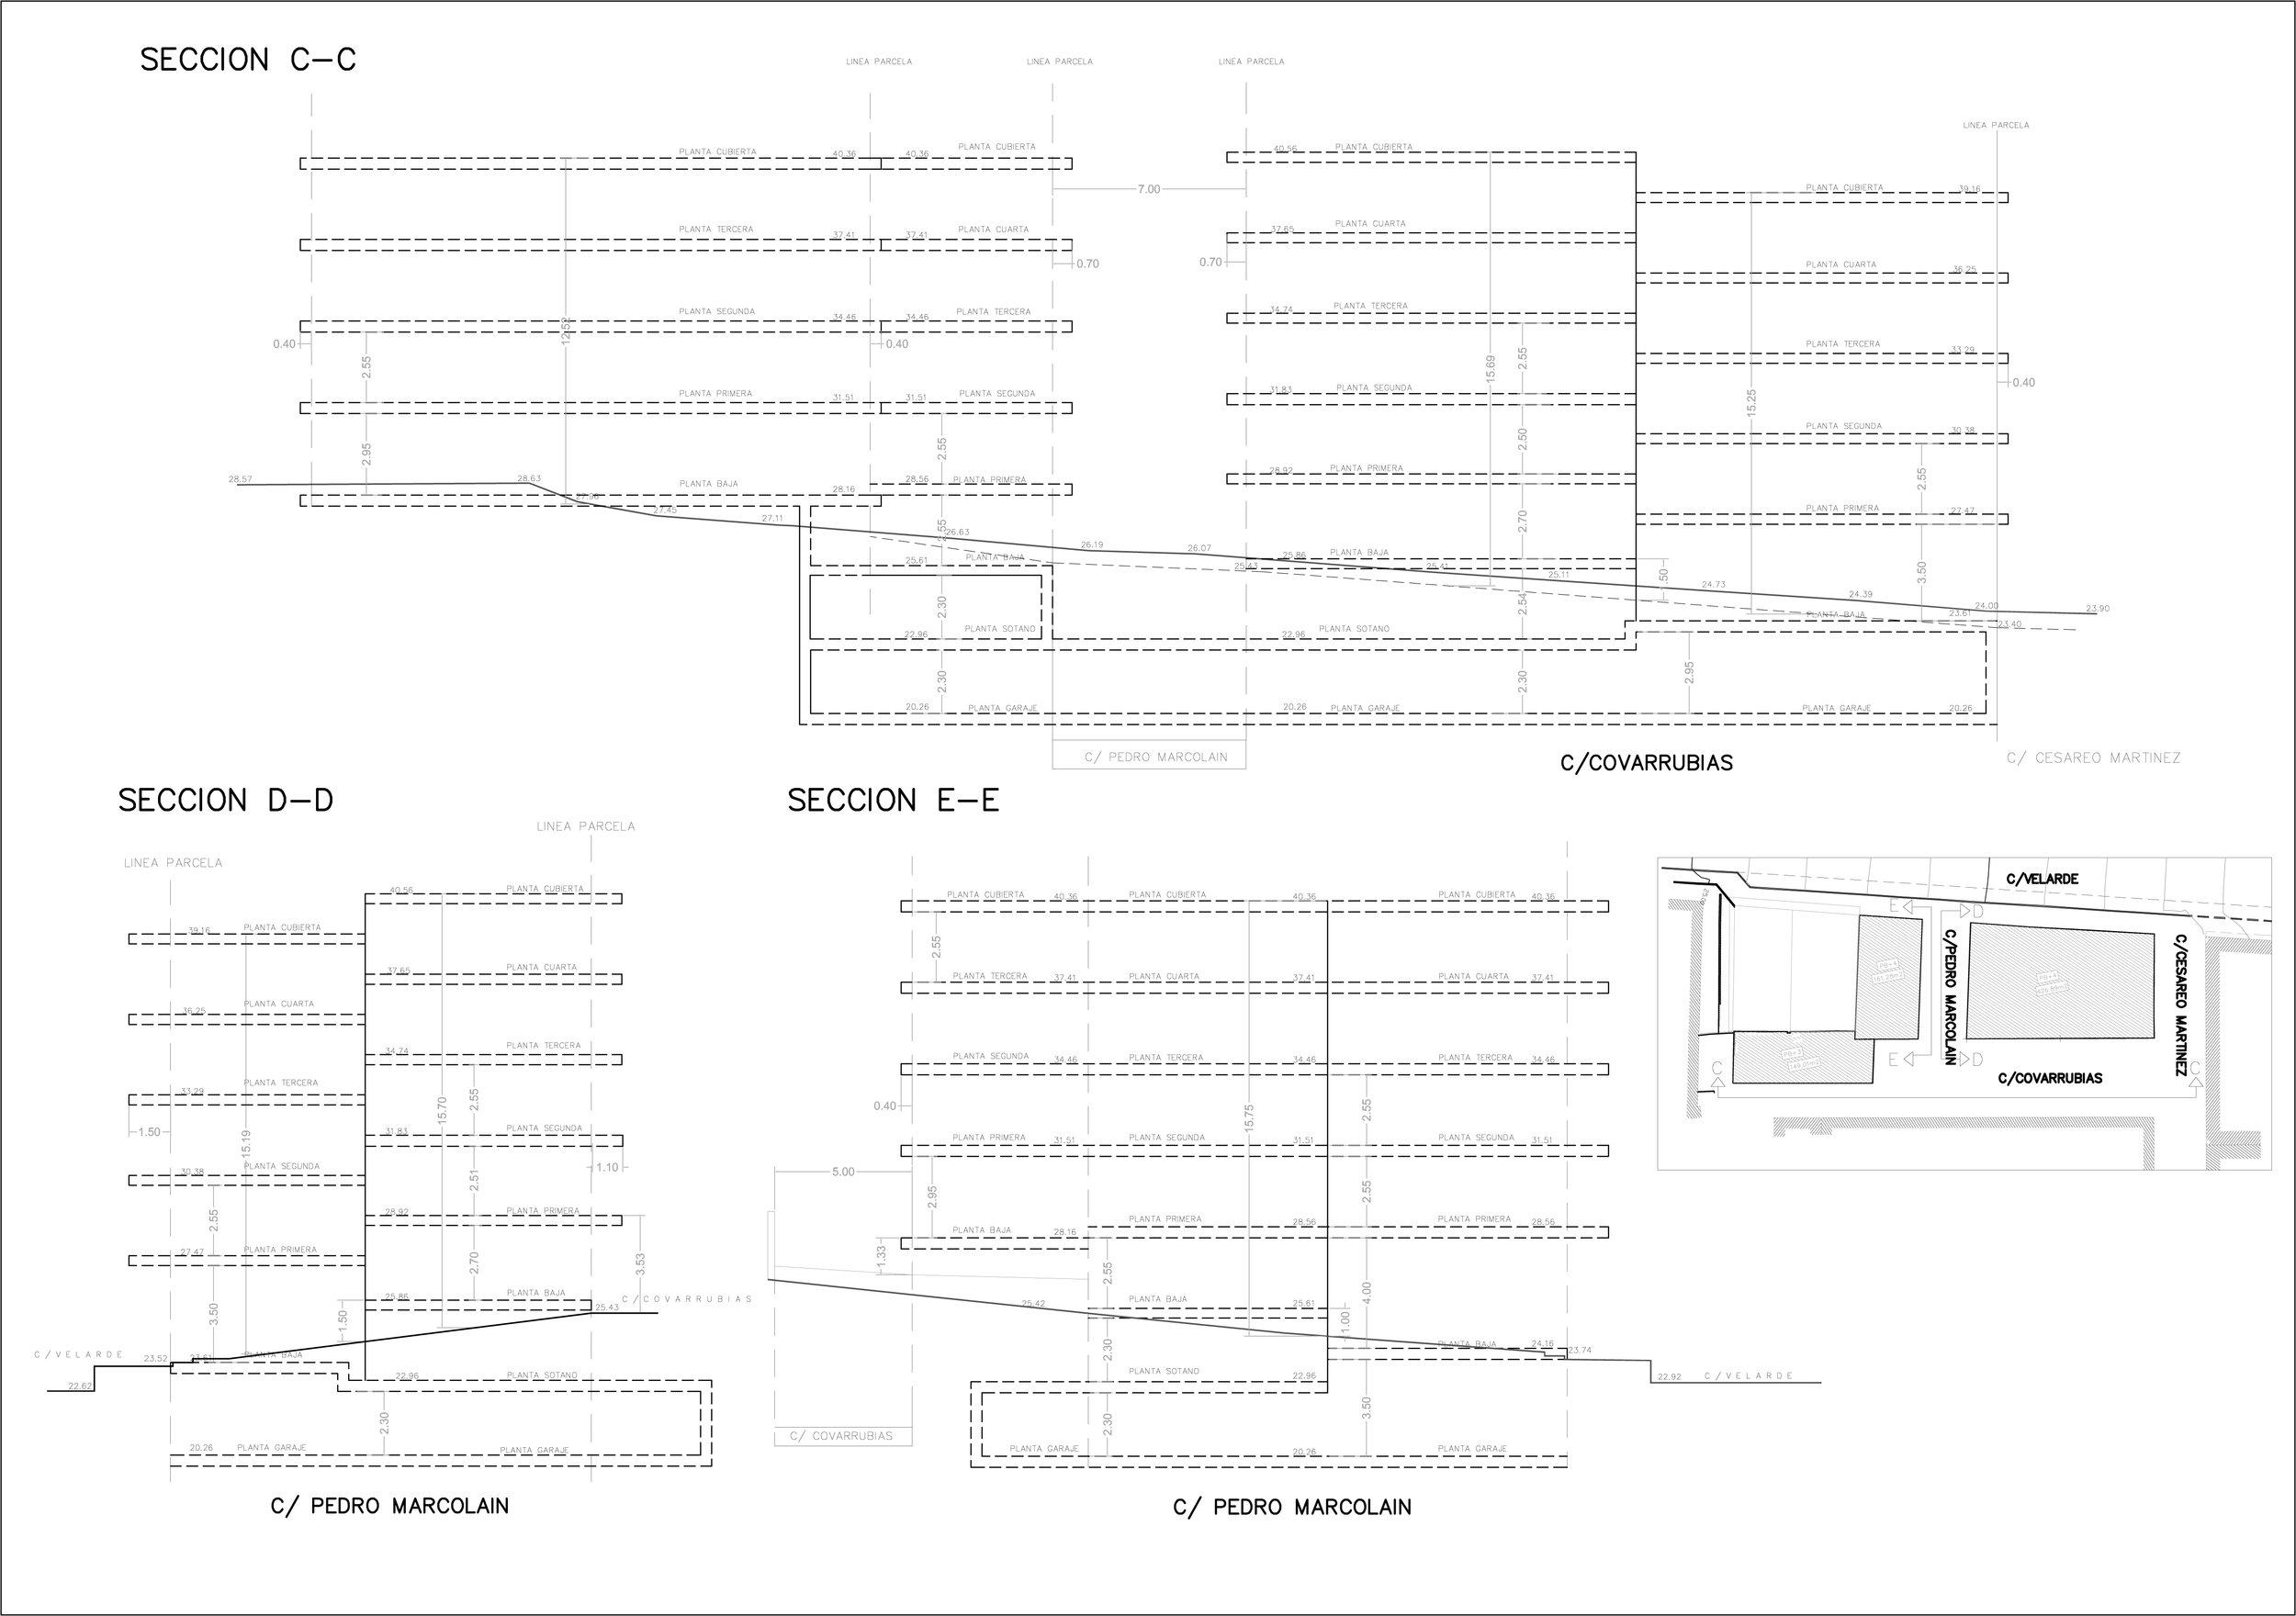 secciones 01 copy.jpg